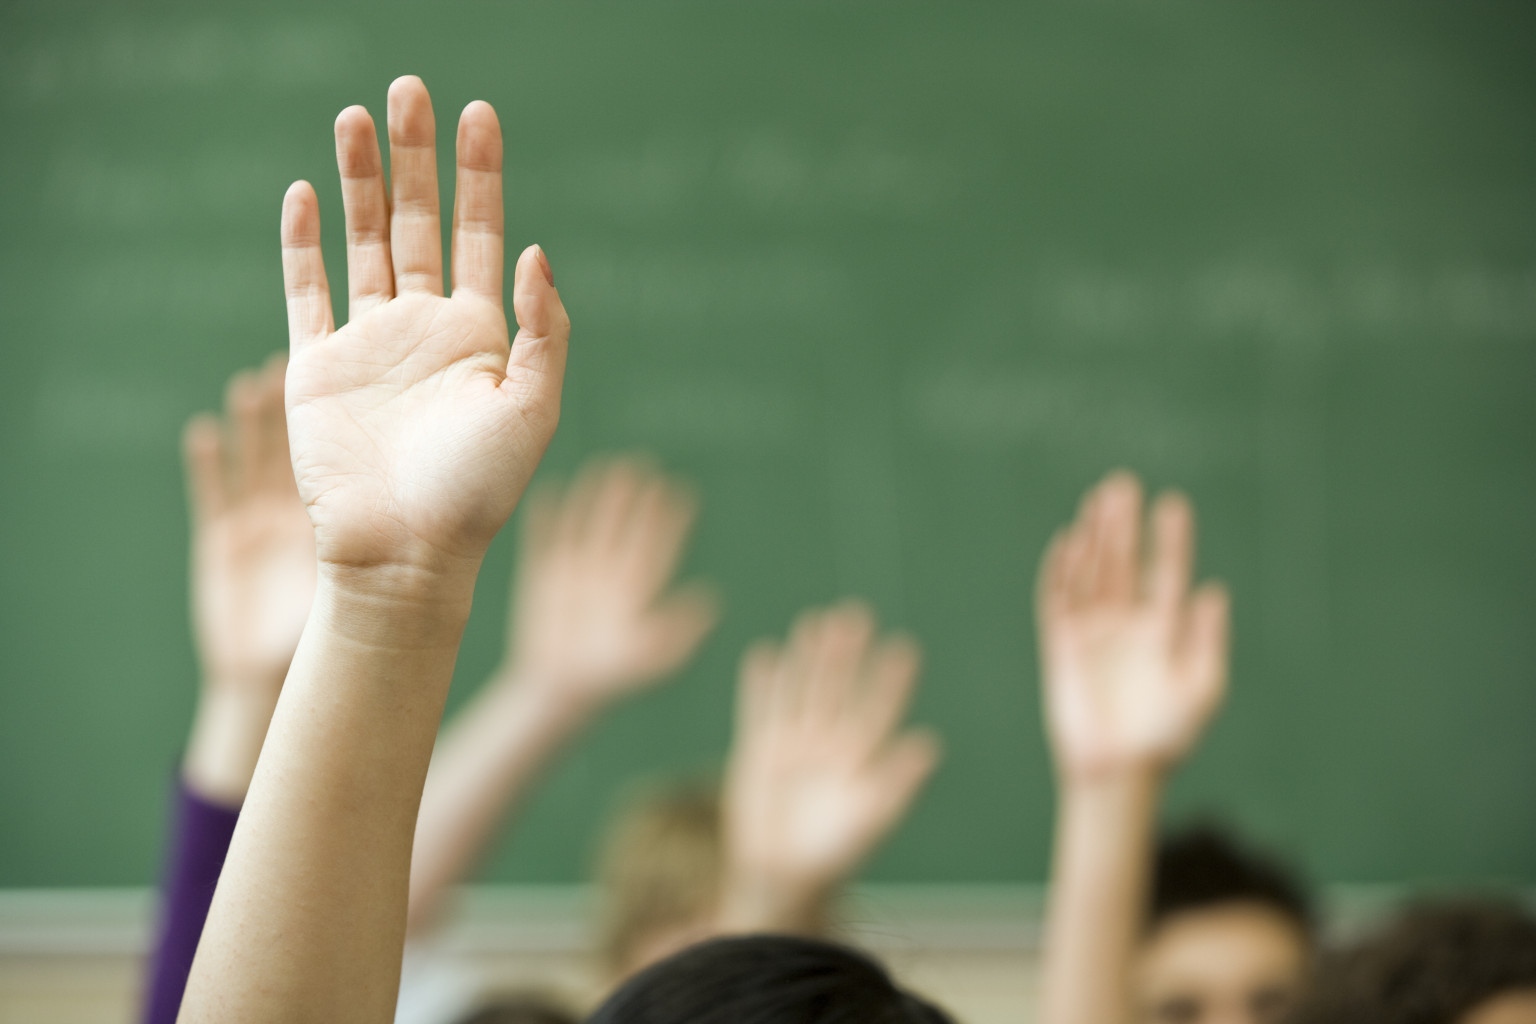 Cải cách giáo dục, Thông tư 30, Bỏ chấm điểm tiểu học, VNEN, Dạy học tích hợp, Sách giáo khoa, bệnh thành tích, Nhật Bản, Giáo viên